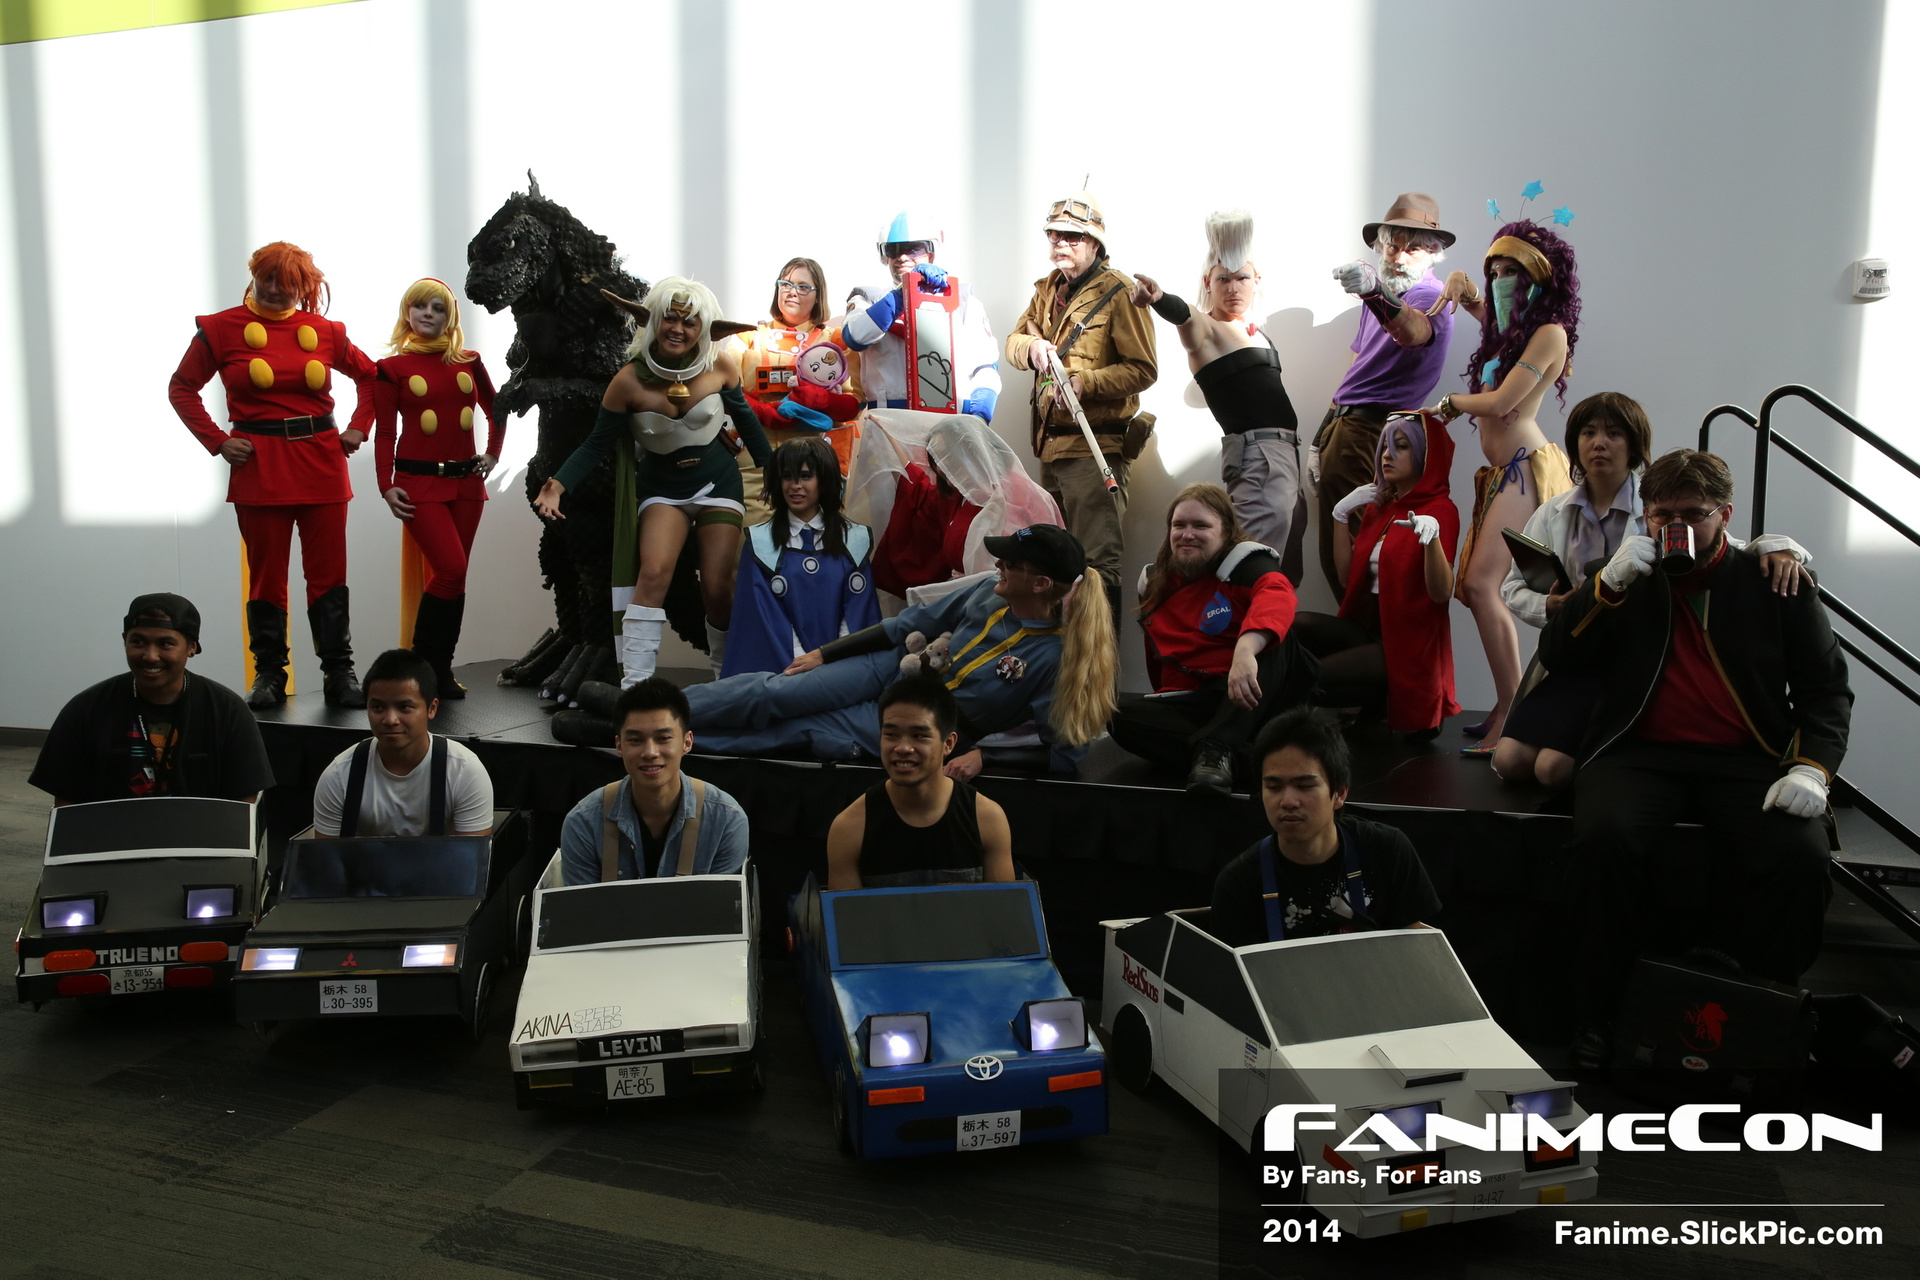 Fanime2014's Gallery